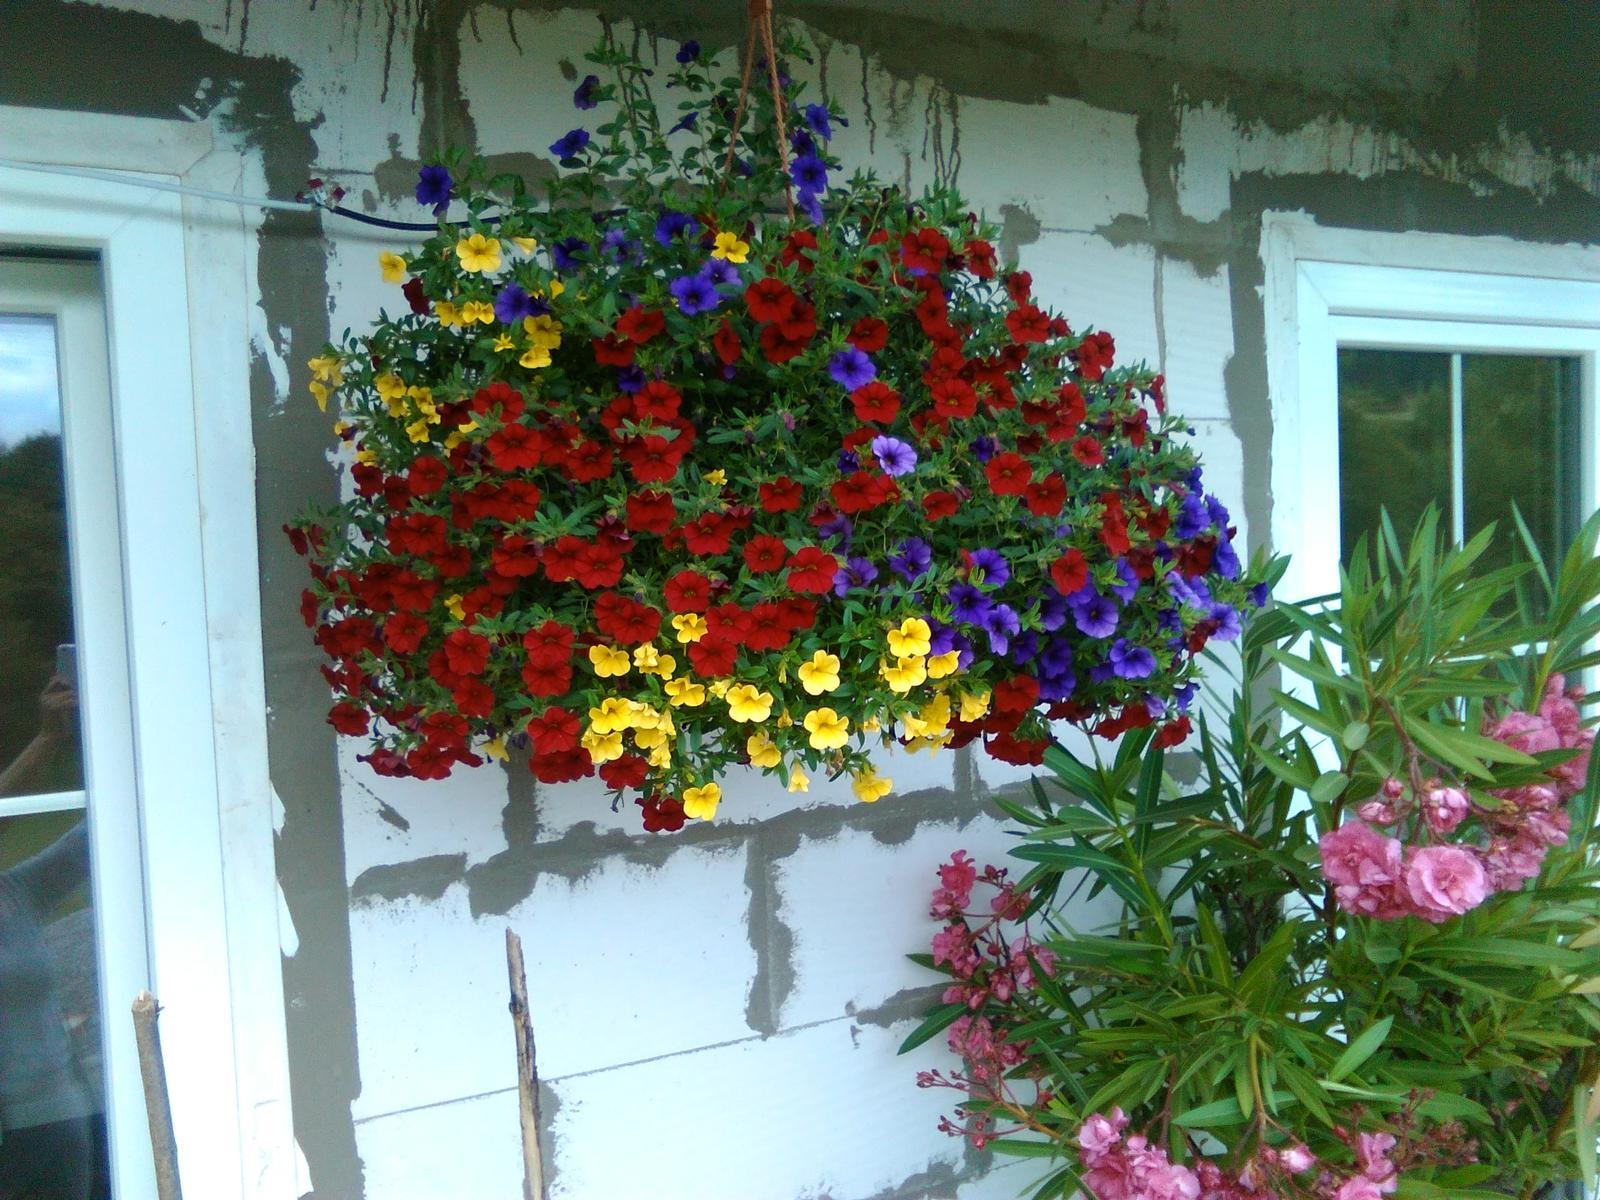 Naša vidiecka záhrada pri novom domčeku. - vytešujem sa z nej ,takú krásnu minipetunku som v živote nemala.